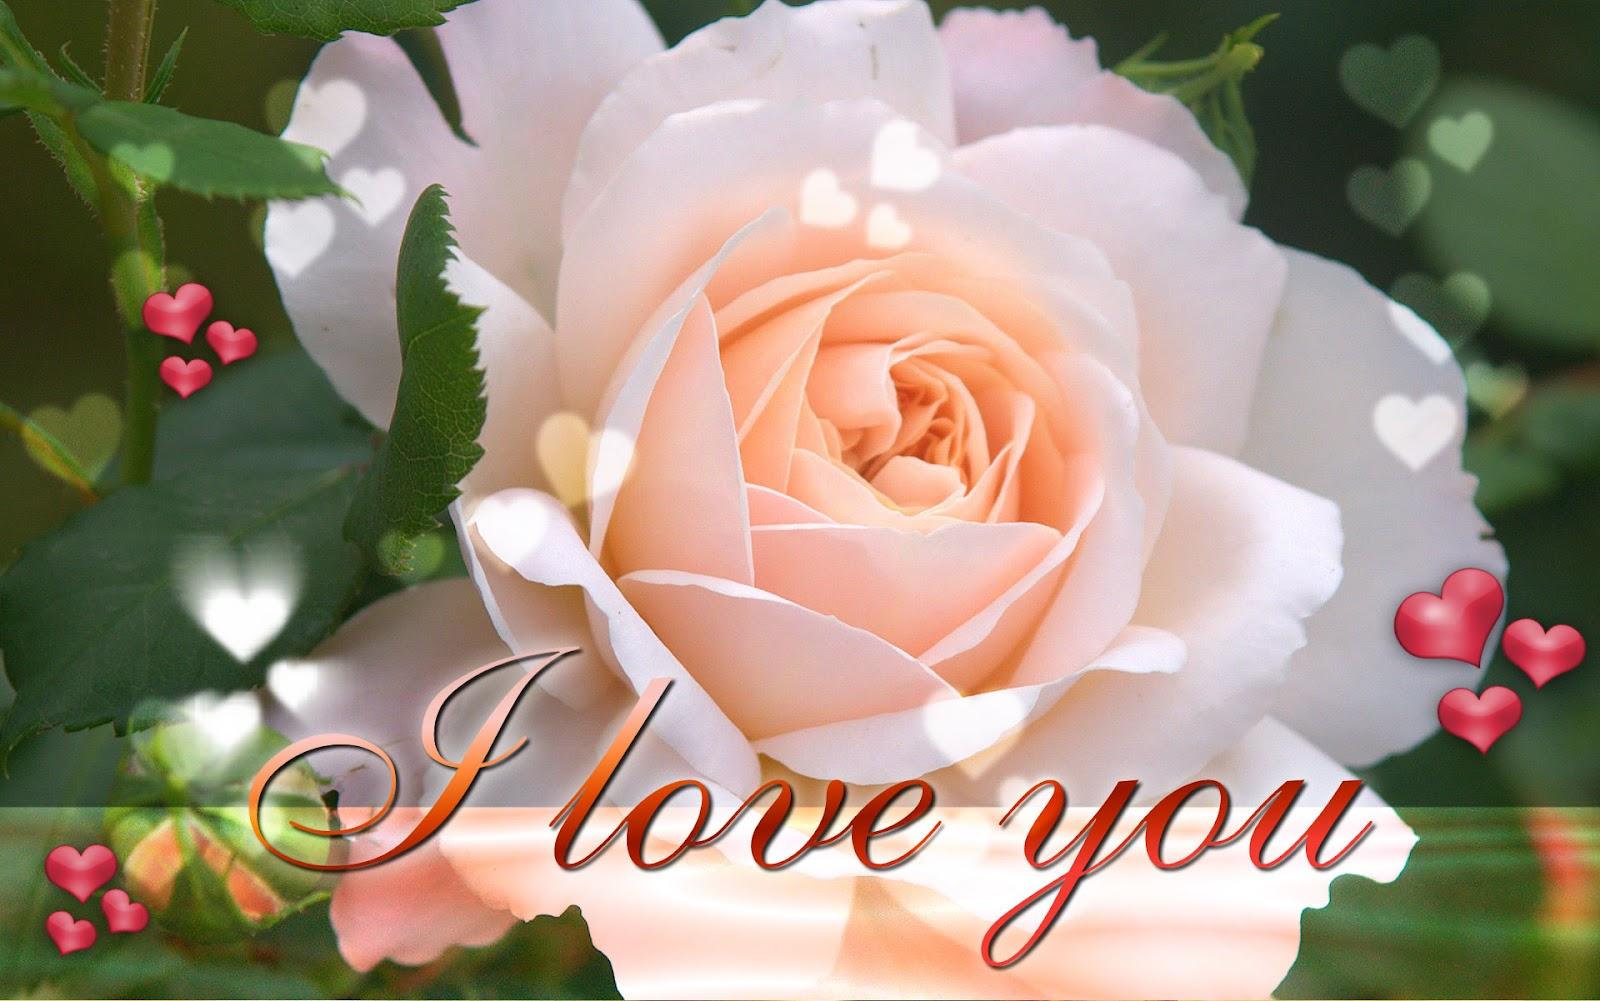 http://1.bp.blogspot.com/-q7RQR6mKYUA/T8pIFWHbKII/AAAAAAAAA4Y/xkJwiY_Jnxs/s1600/love+wallpapers+(1).jpg